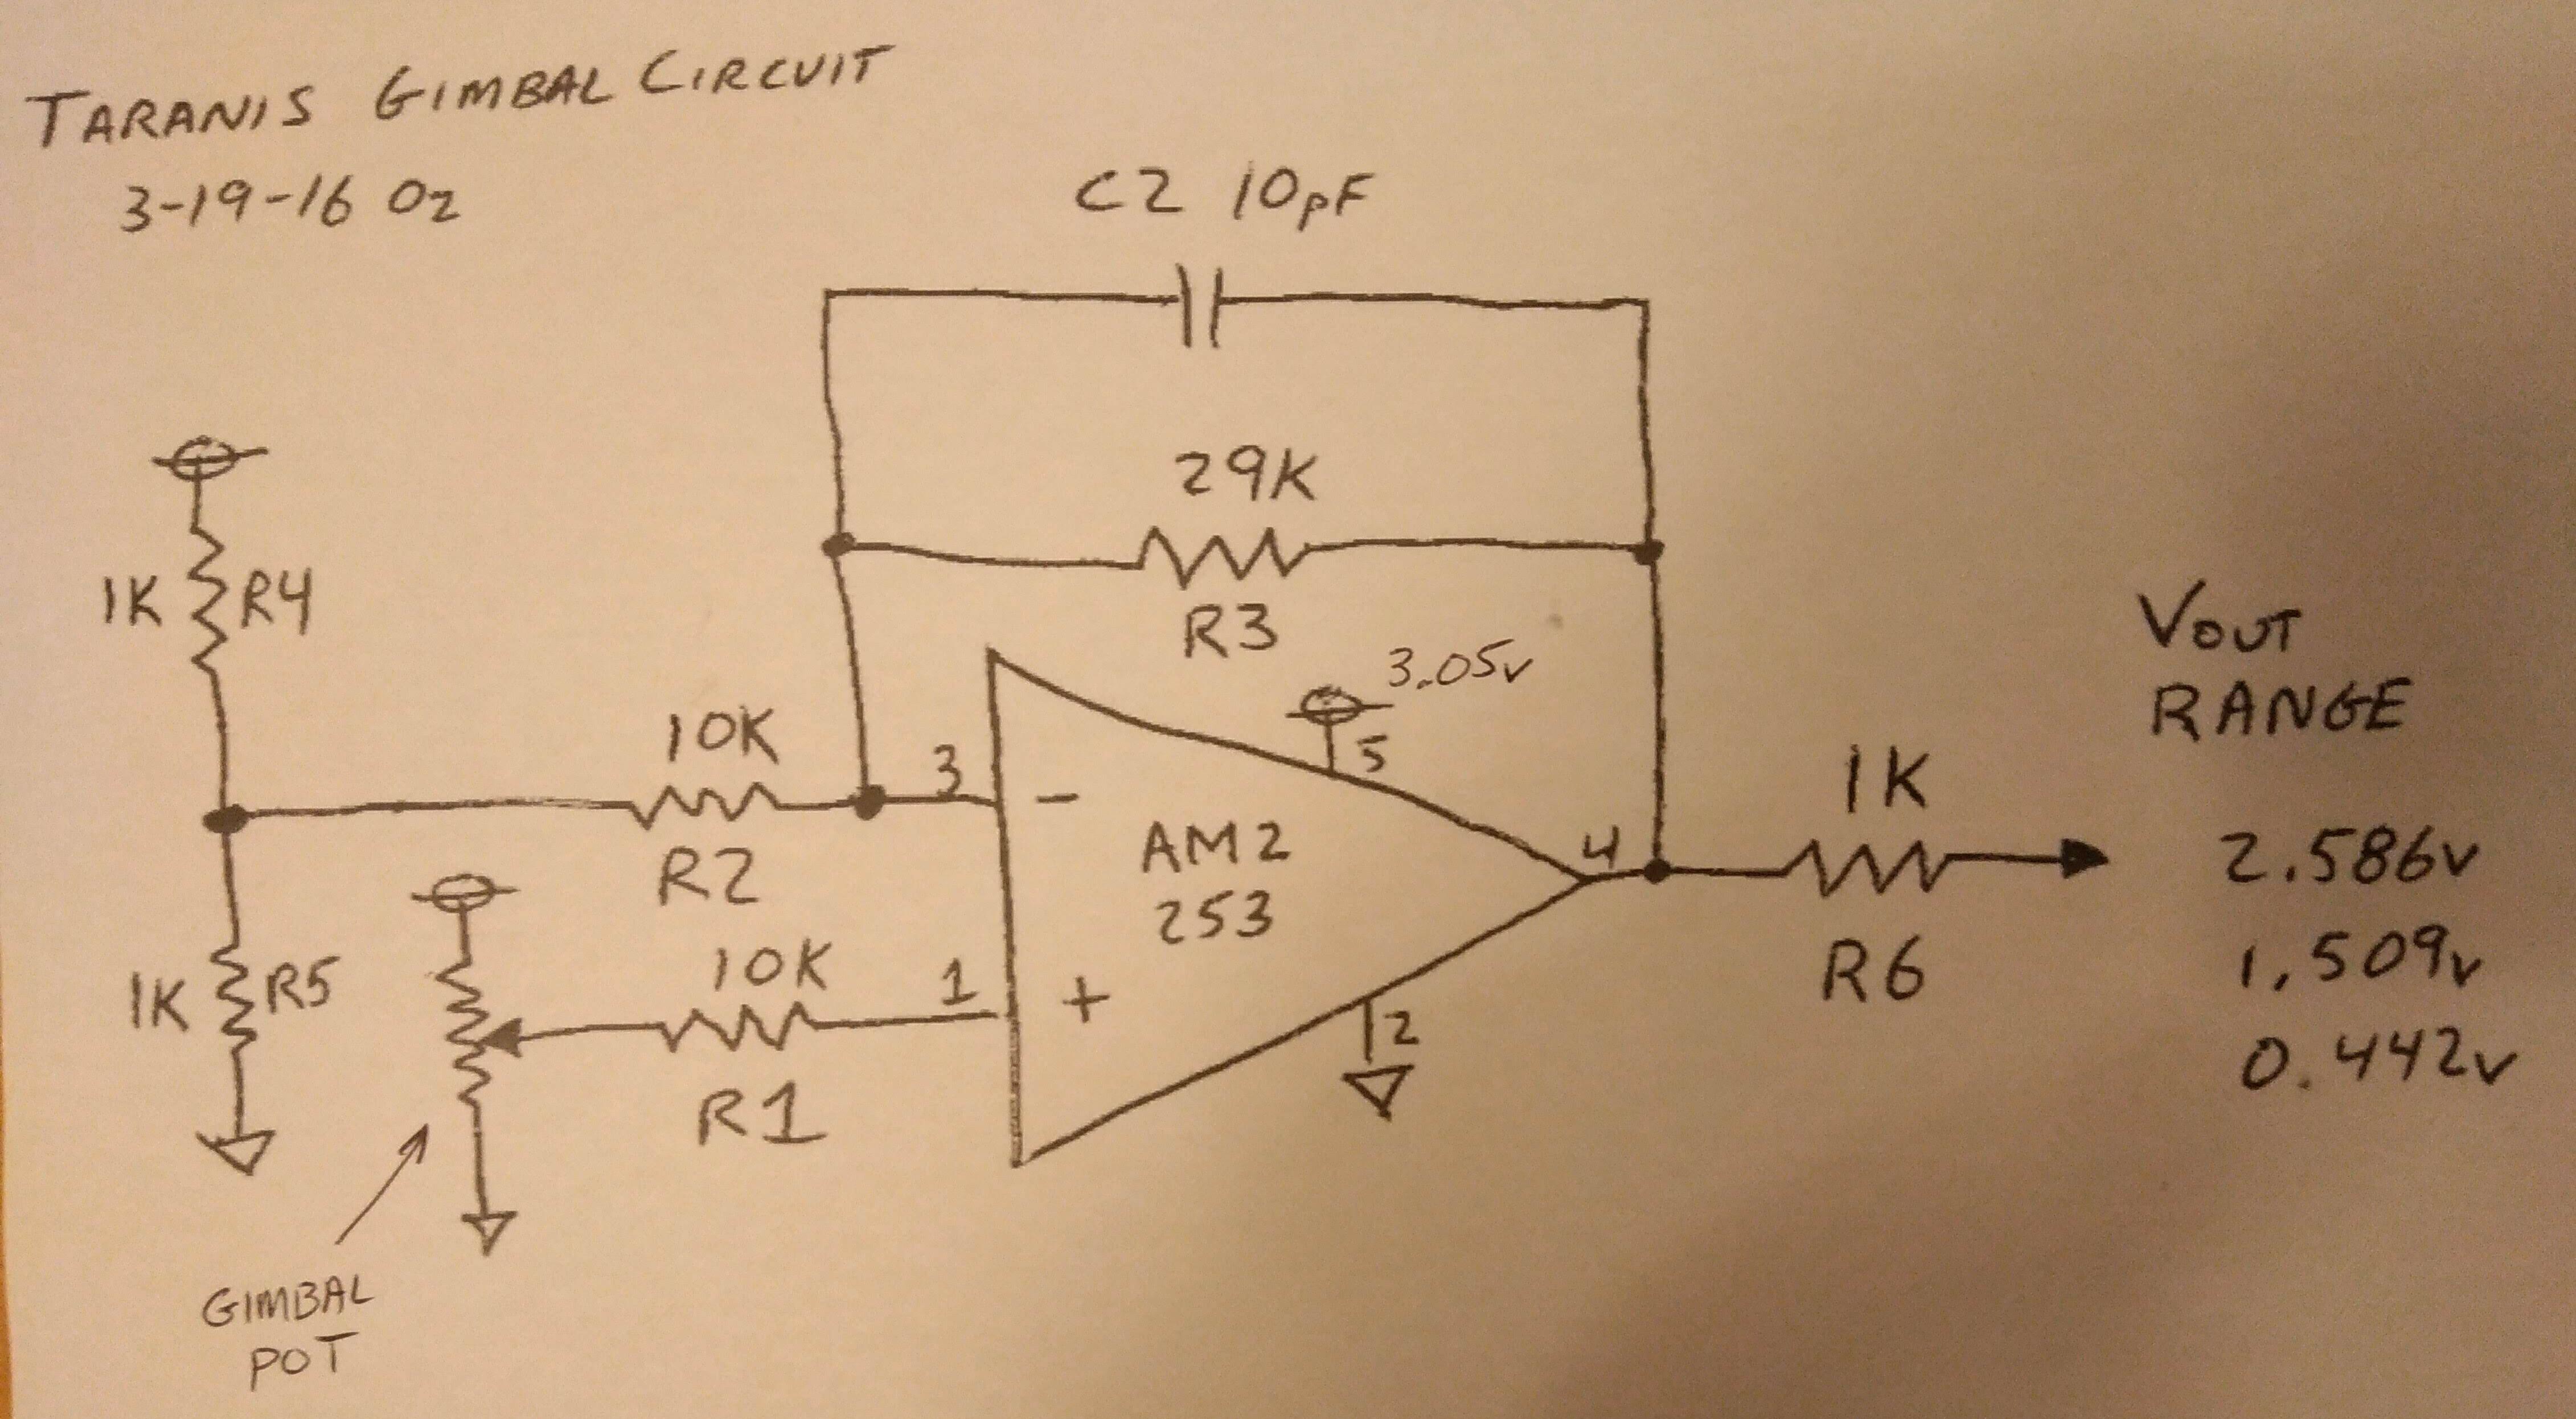 taranis gen1 first batch gimbal amp circuit